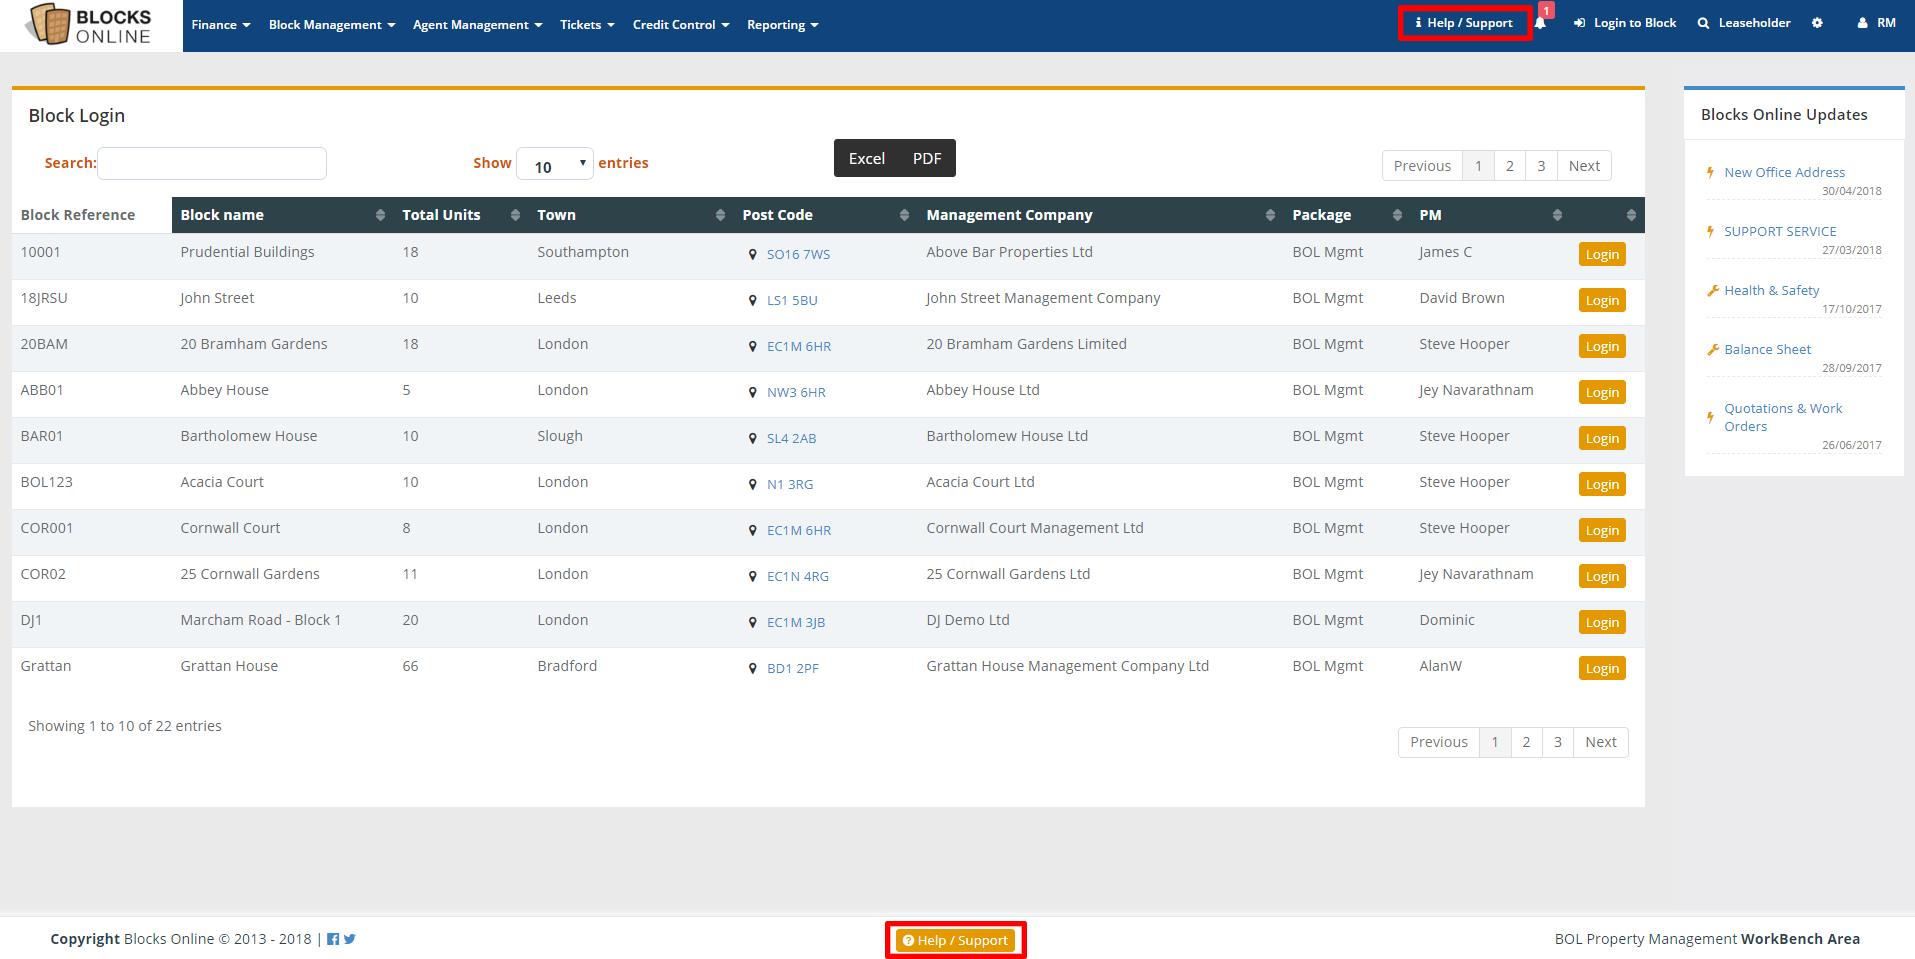 blocks online management dashboard